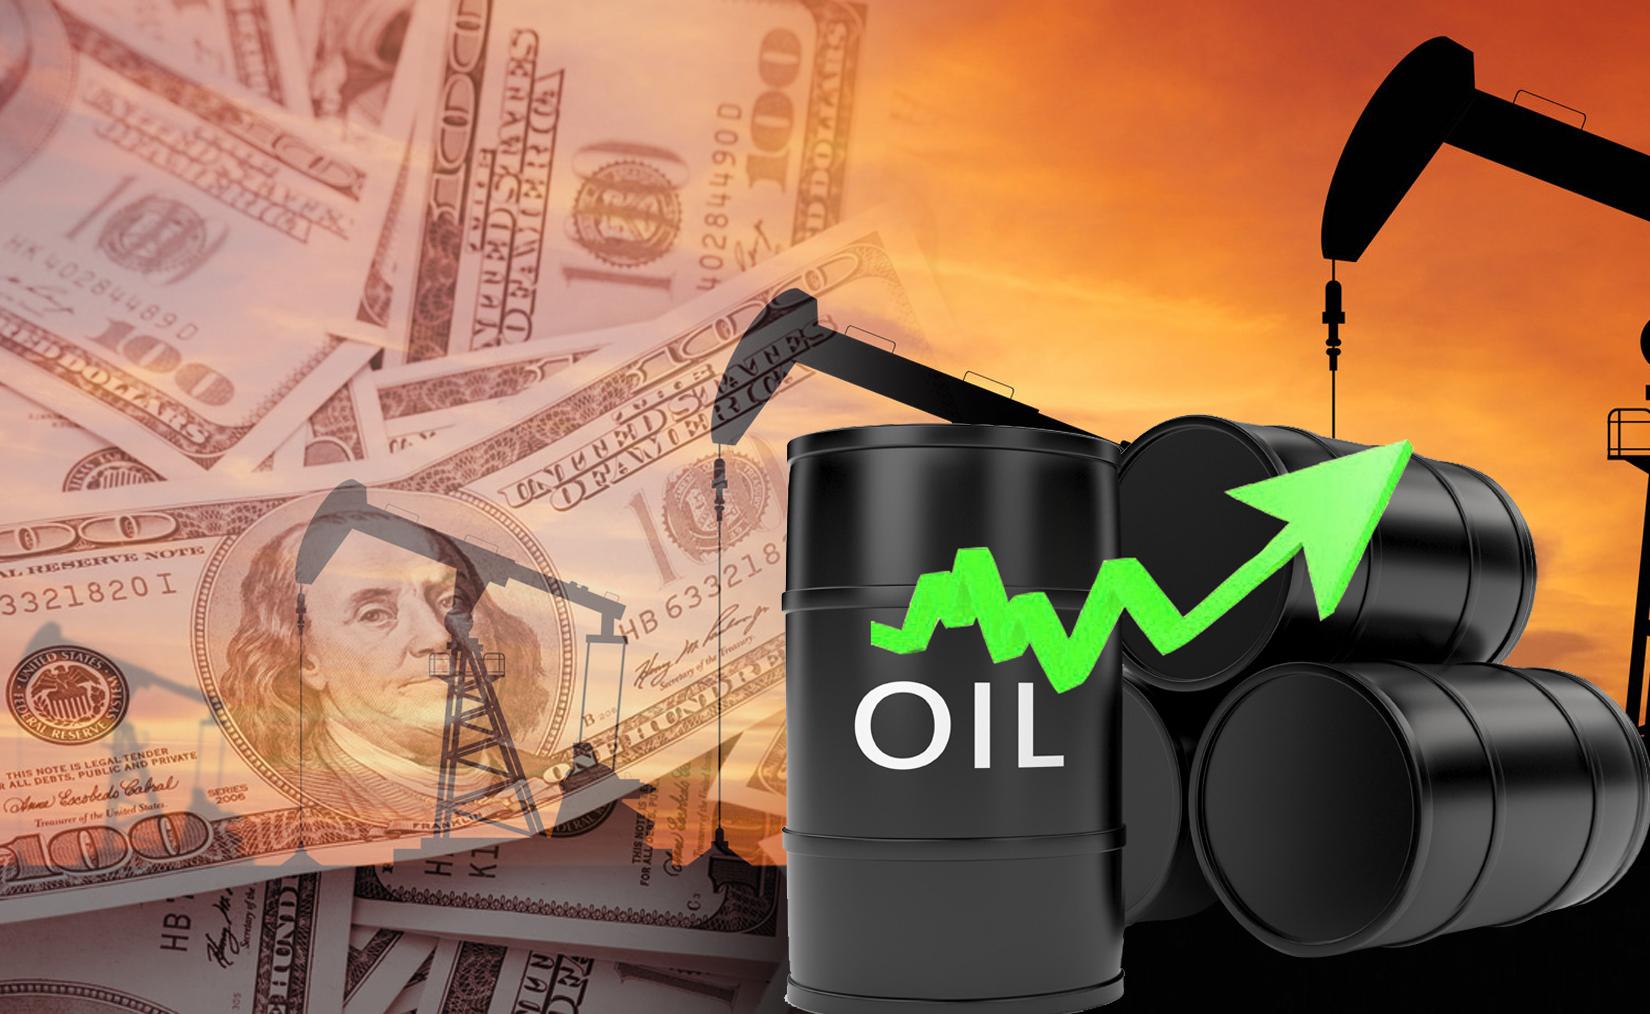 سعر برميل النفط الكويتي يرتفع 10 سنتات ليبلغ 44ر43 دولار